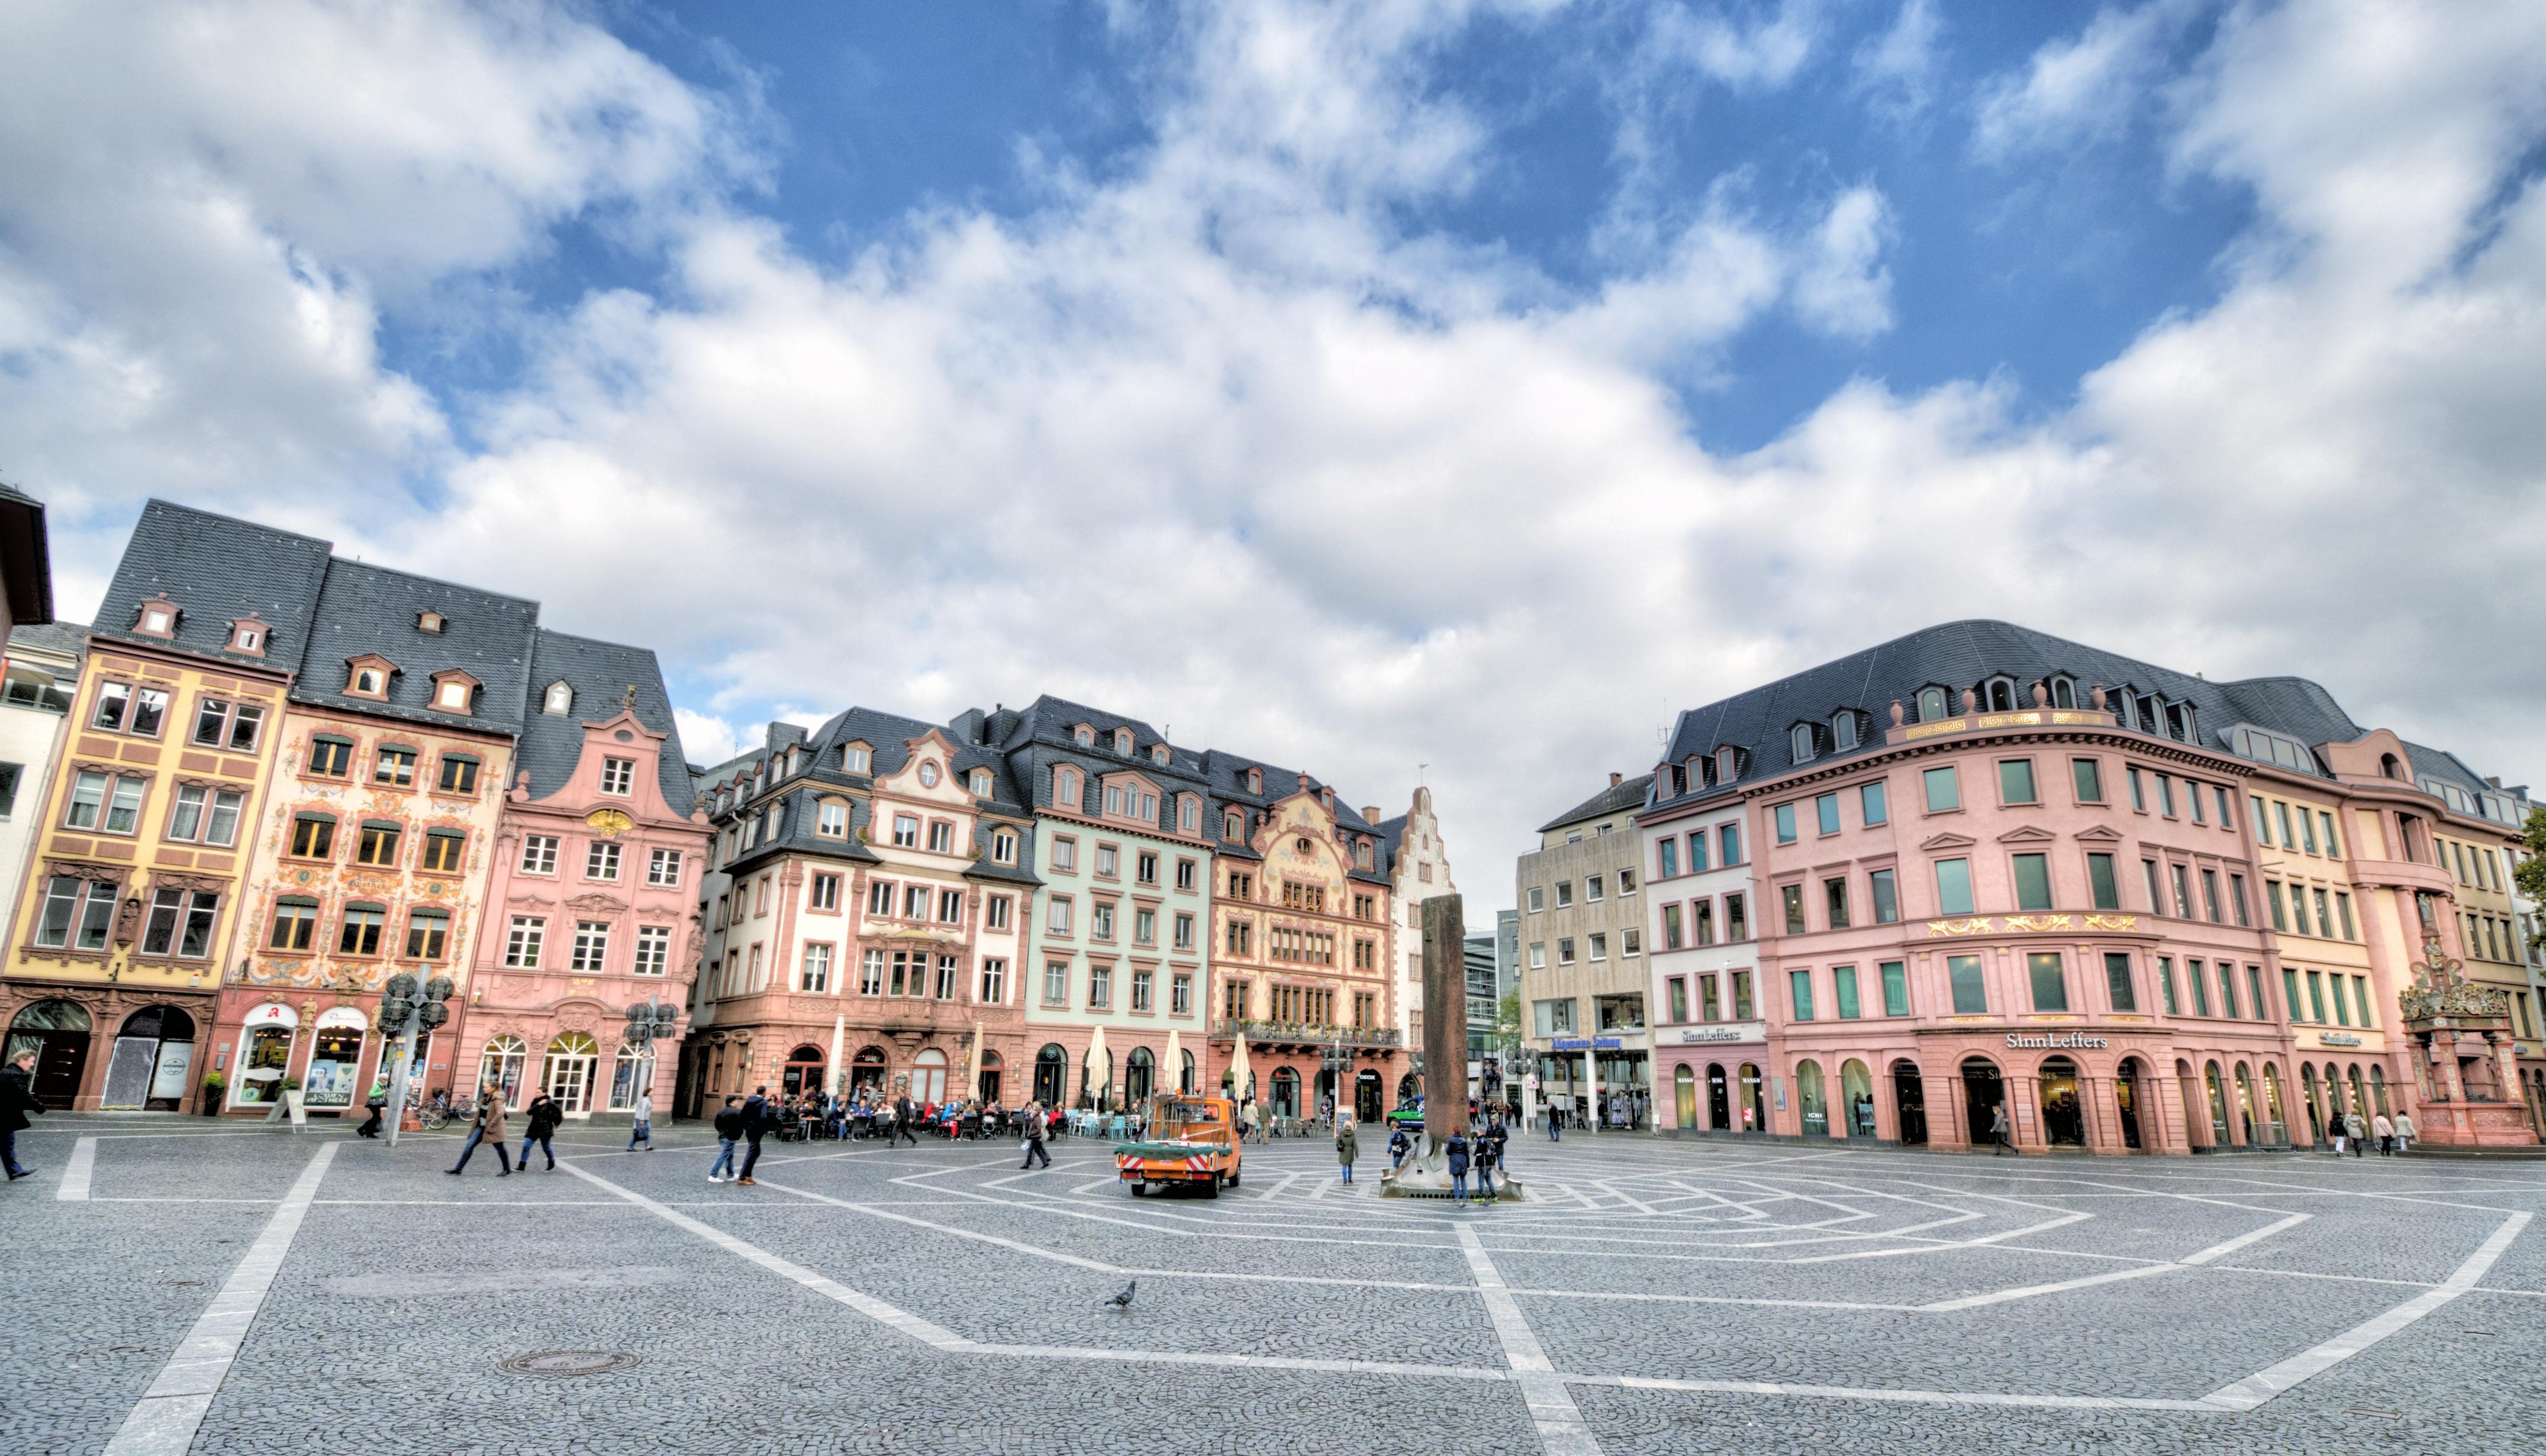 Ladenflächen , undefined - Laden mieten in Mainz – Chancen für den Einzelhandel - 20